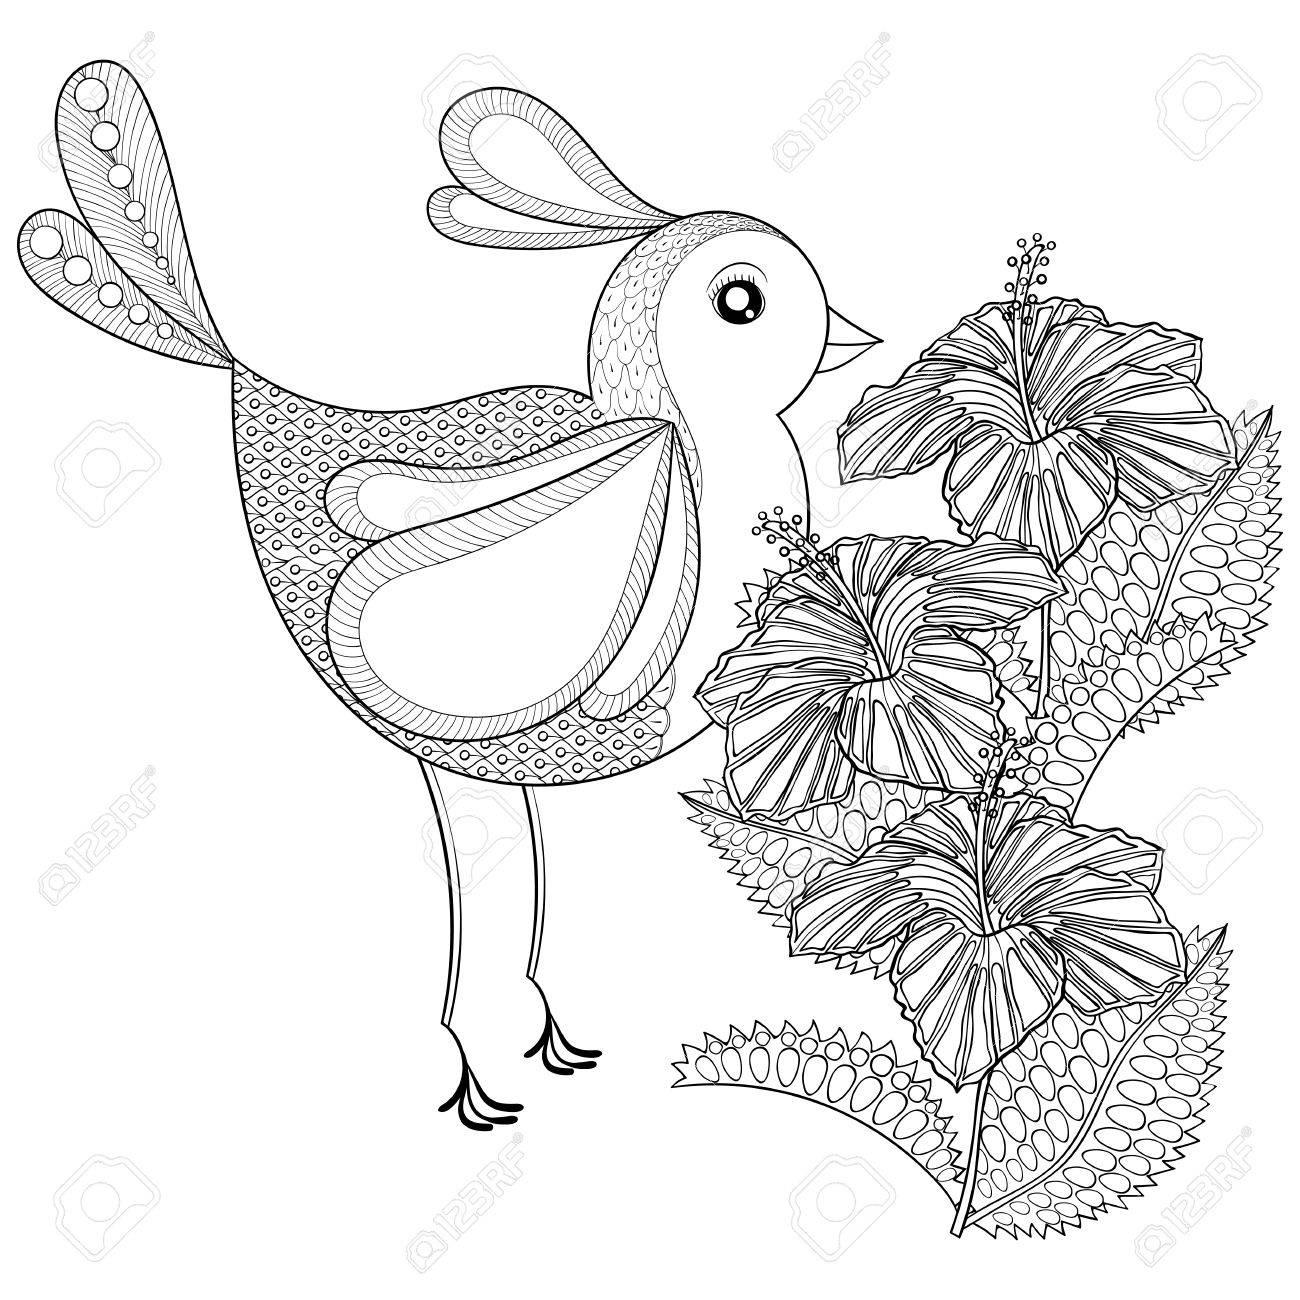 Dibujado A Mano Pájaro Exótico Tribal Y Flor De Hibisco De Páginas ...